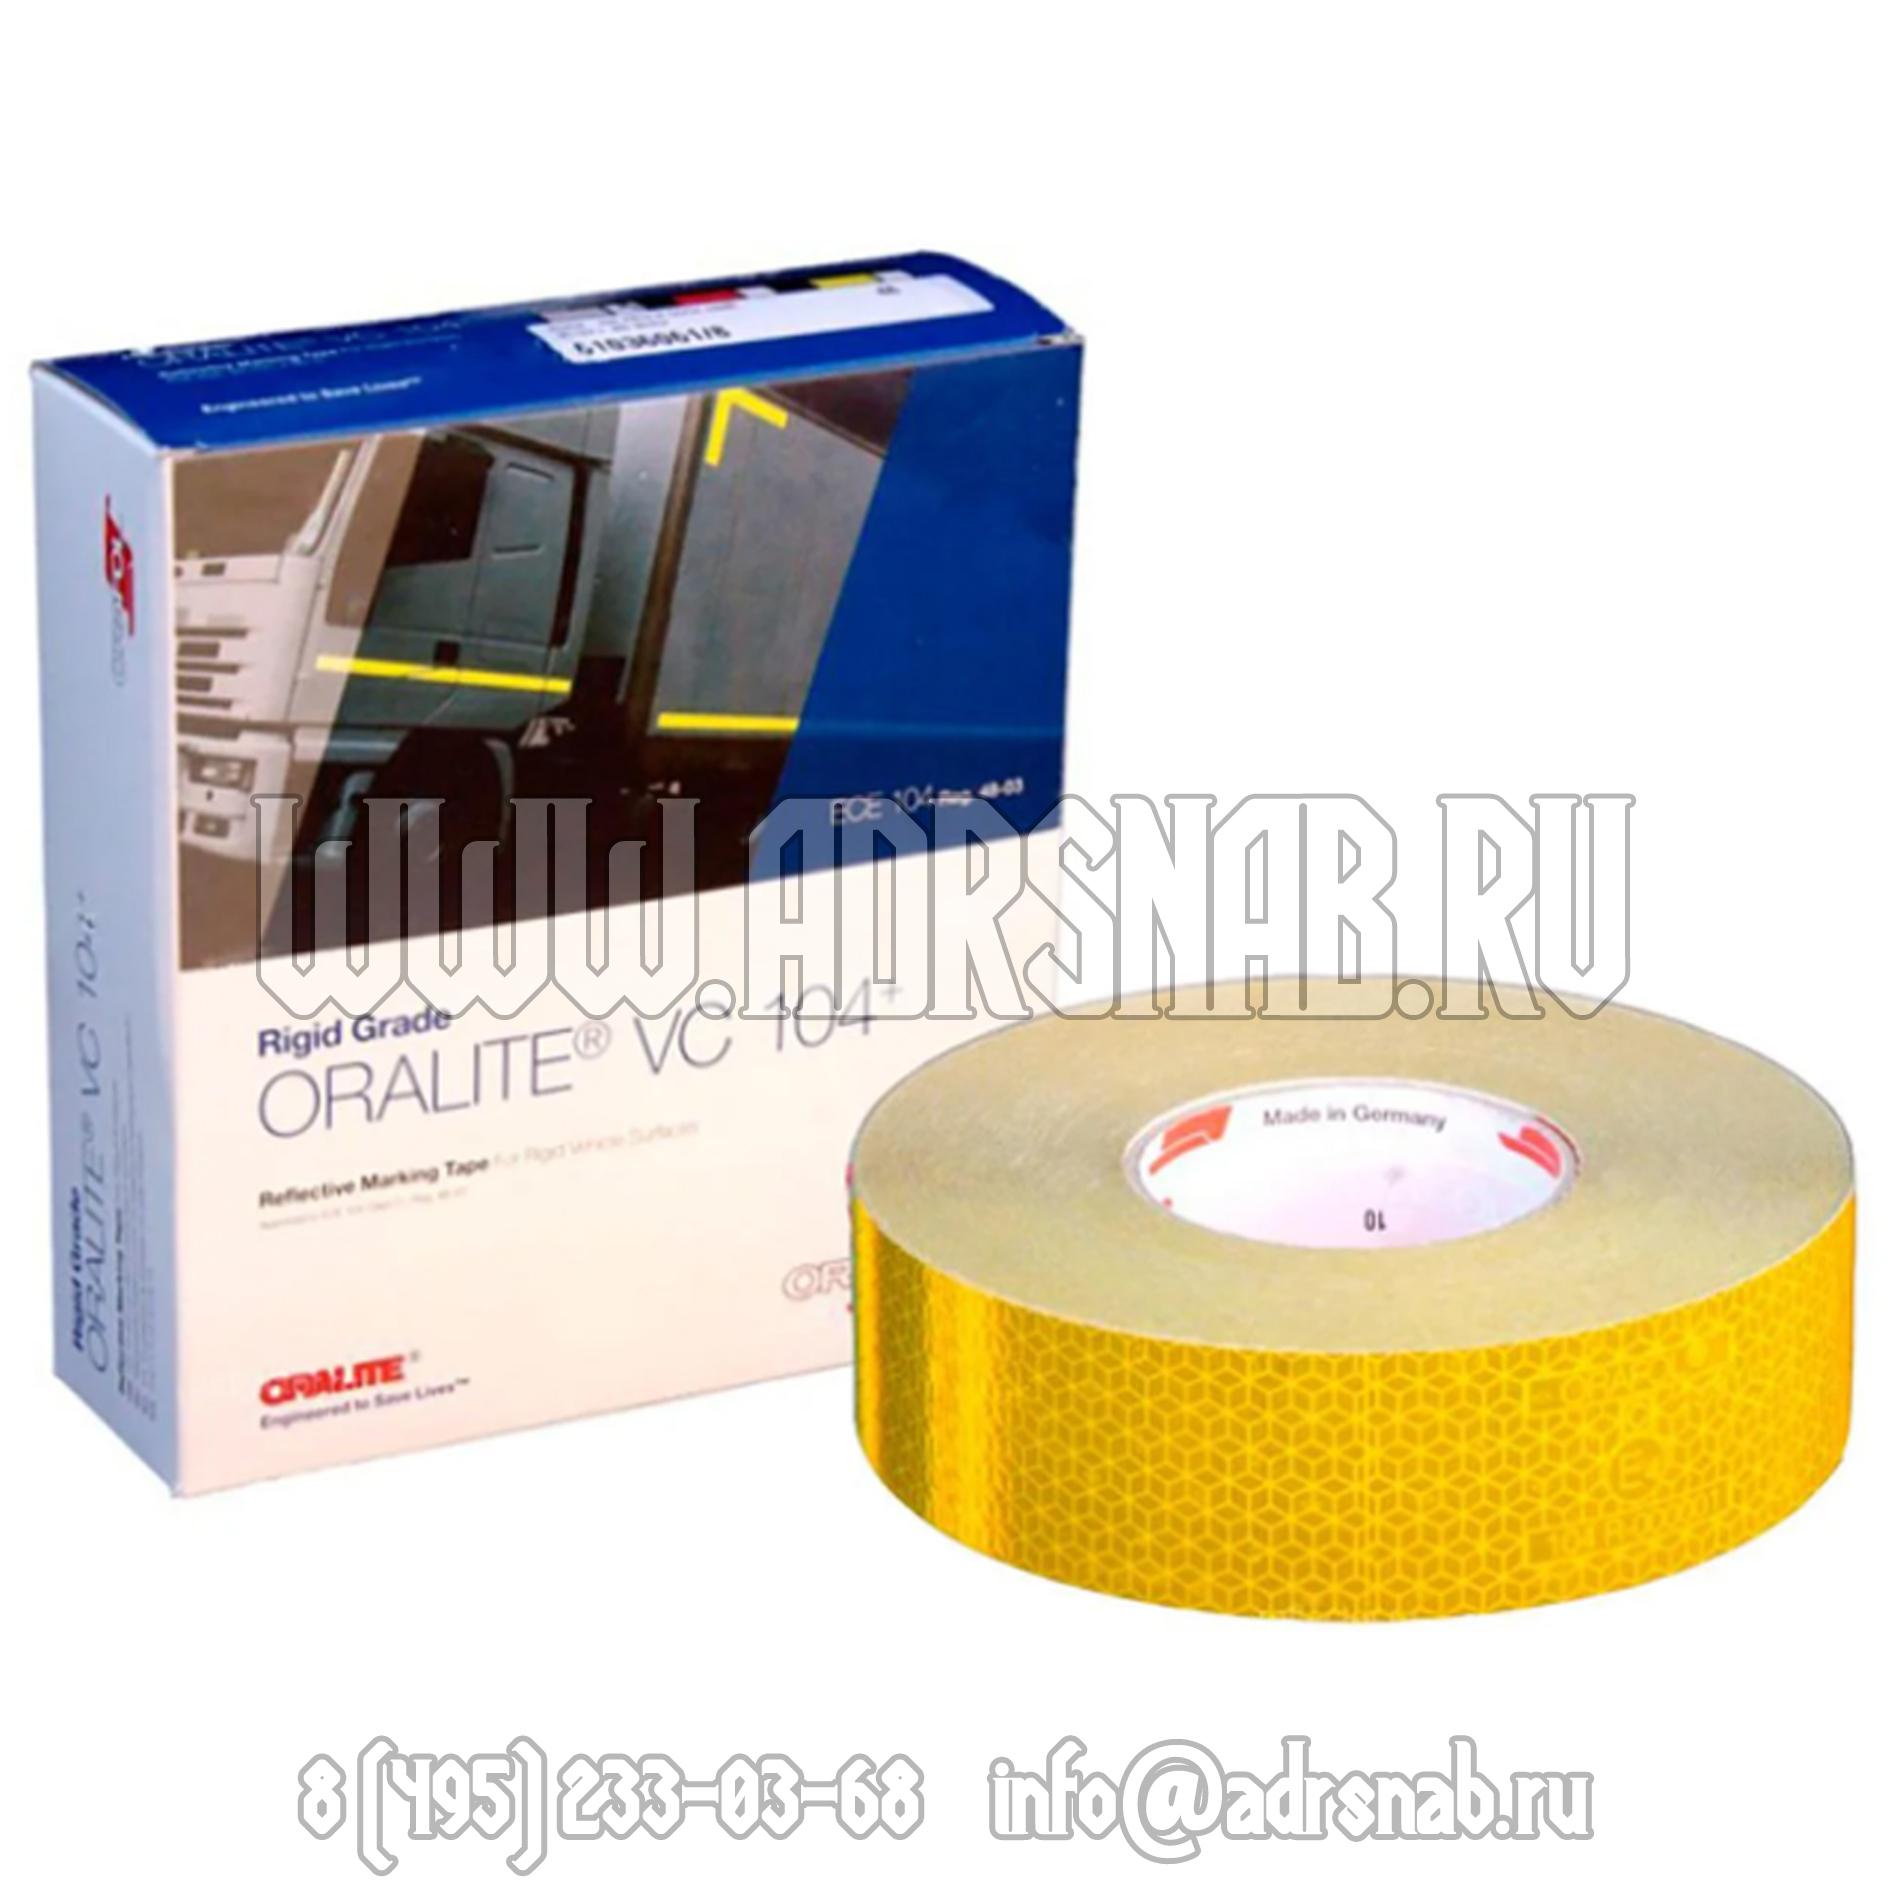 Oralite VC104 Rigid Grade Commercial желтый